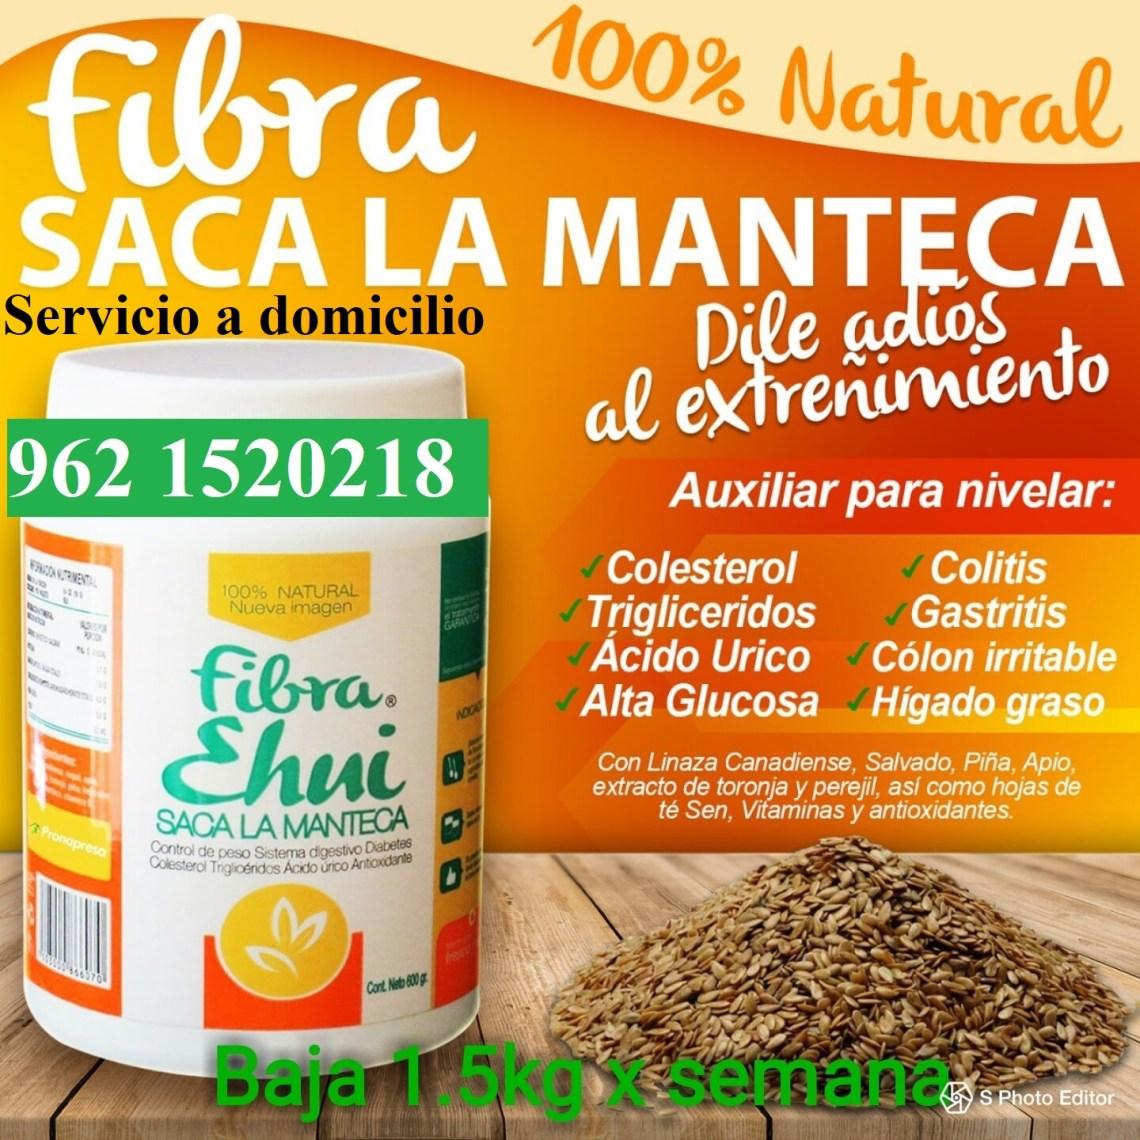 Publicidad Saca Manteca